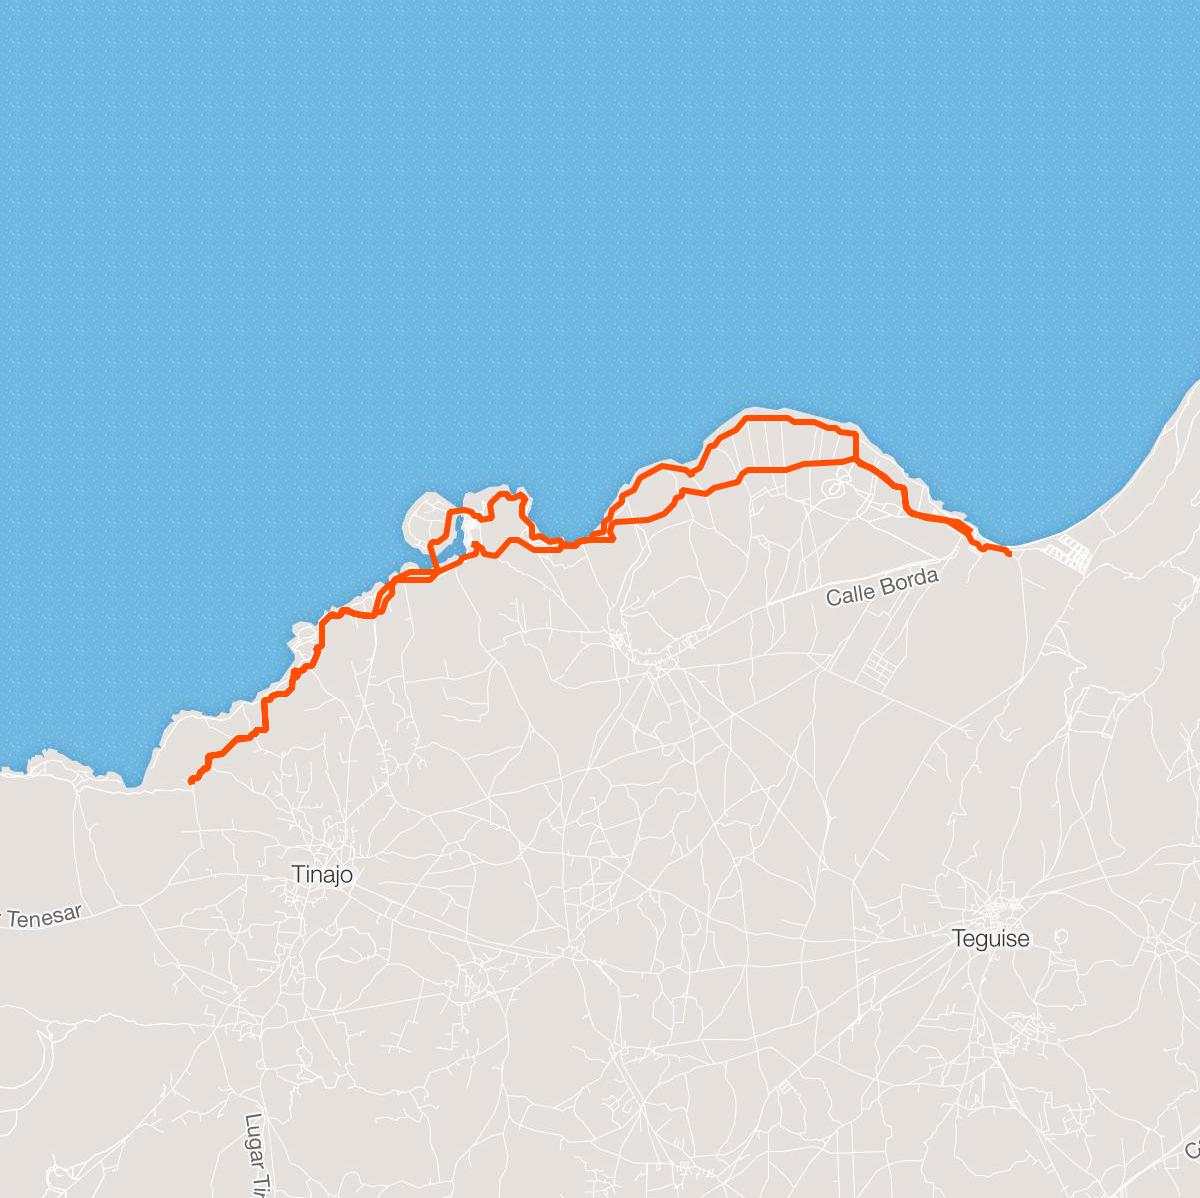 Entrenamiento para triatlón en Lanzarote | ACTraining | Tours MTB en Lanzarote